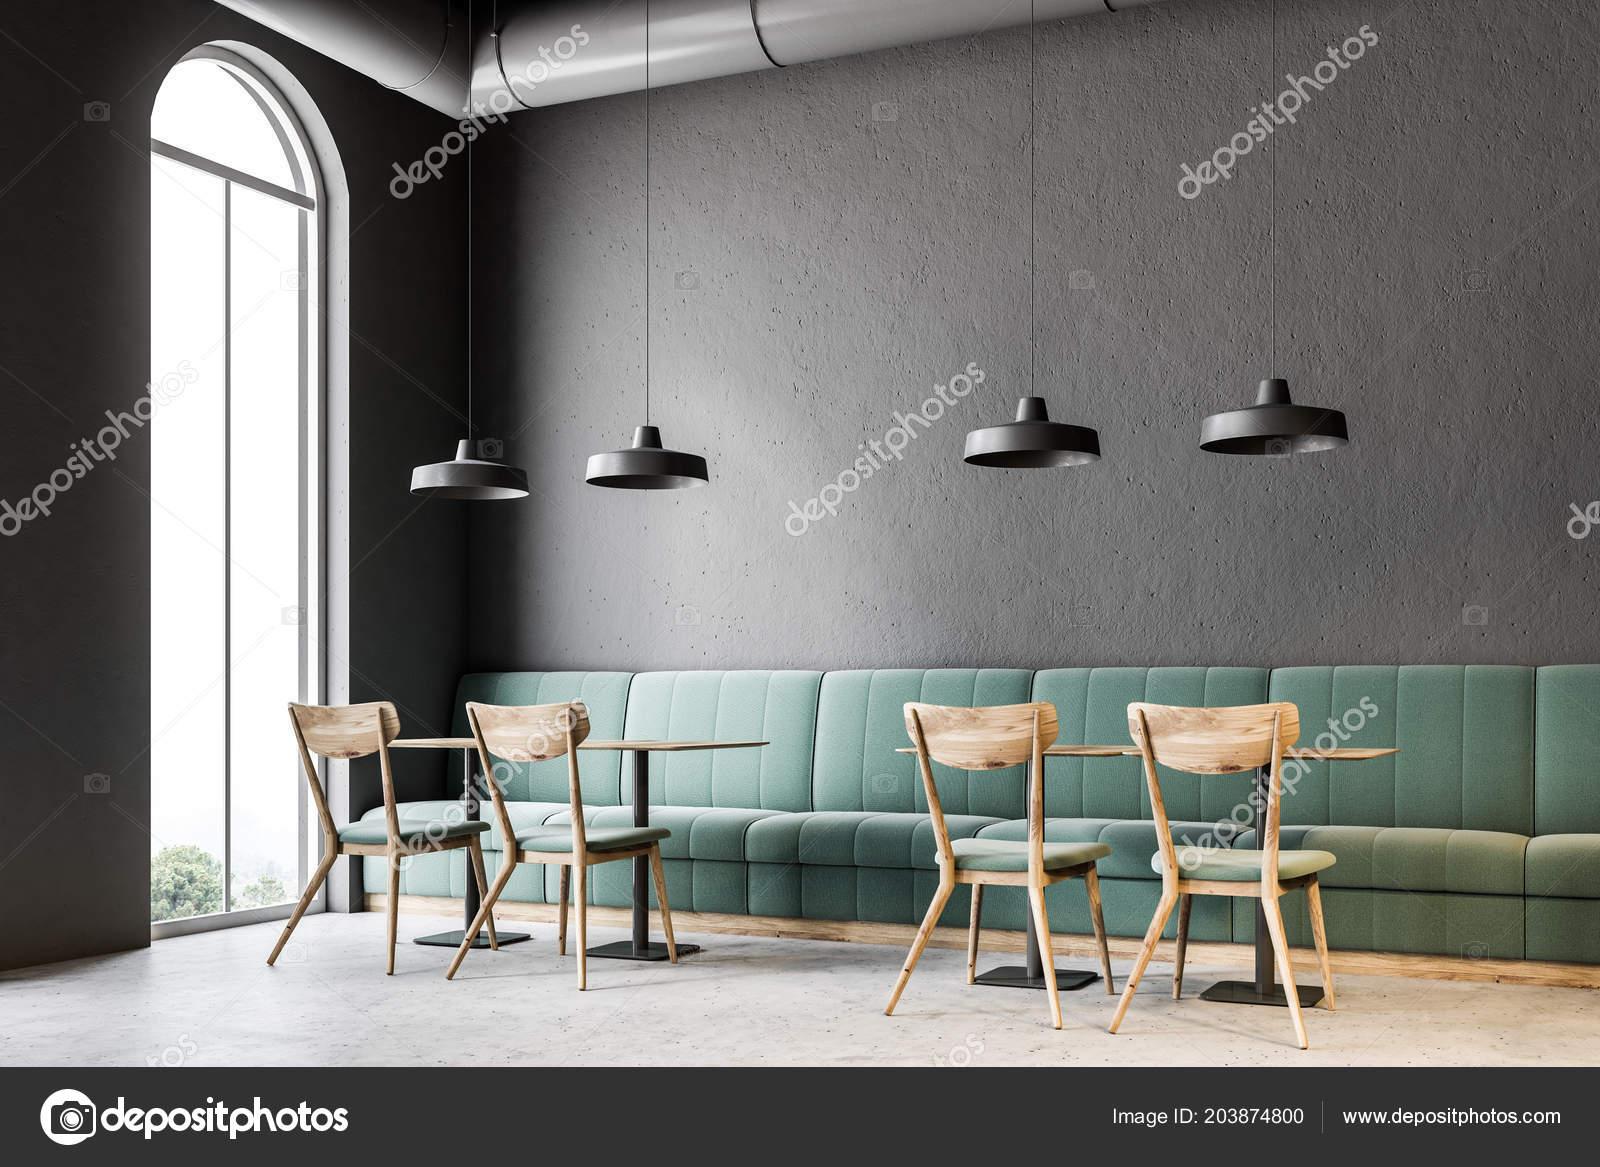 Interni café parete grigio scuro con pavimento cemento tavoli legno